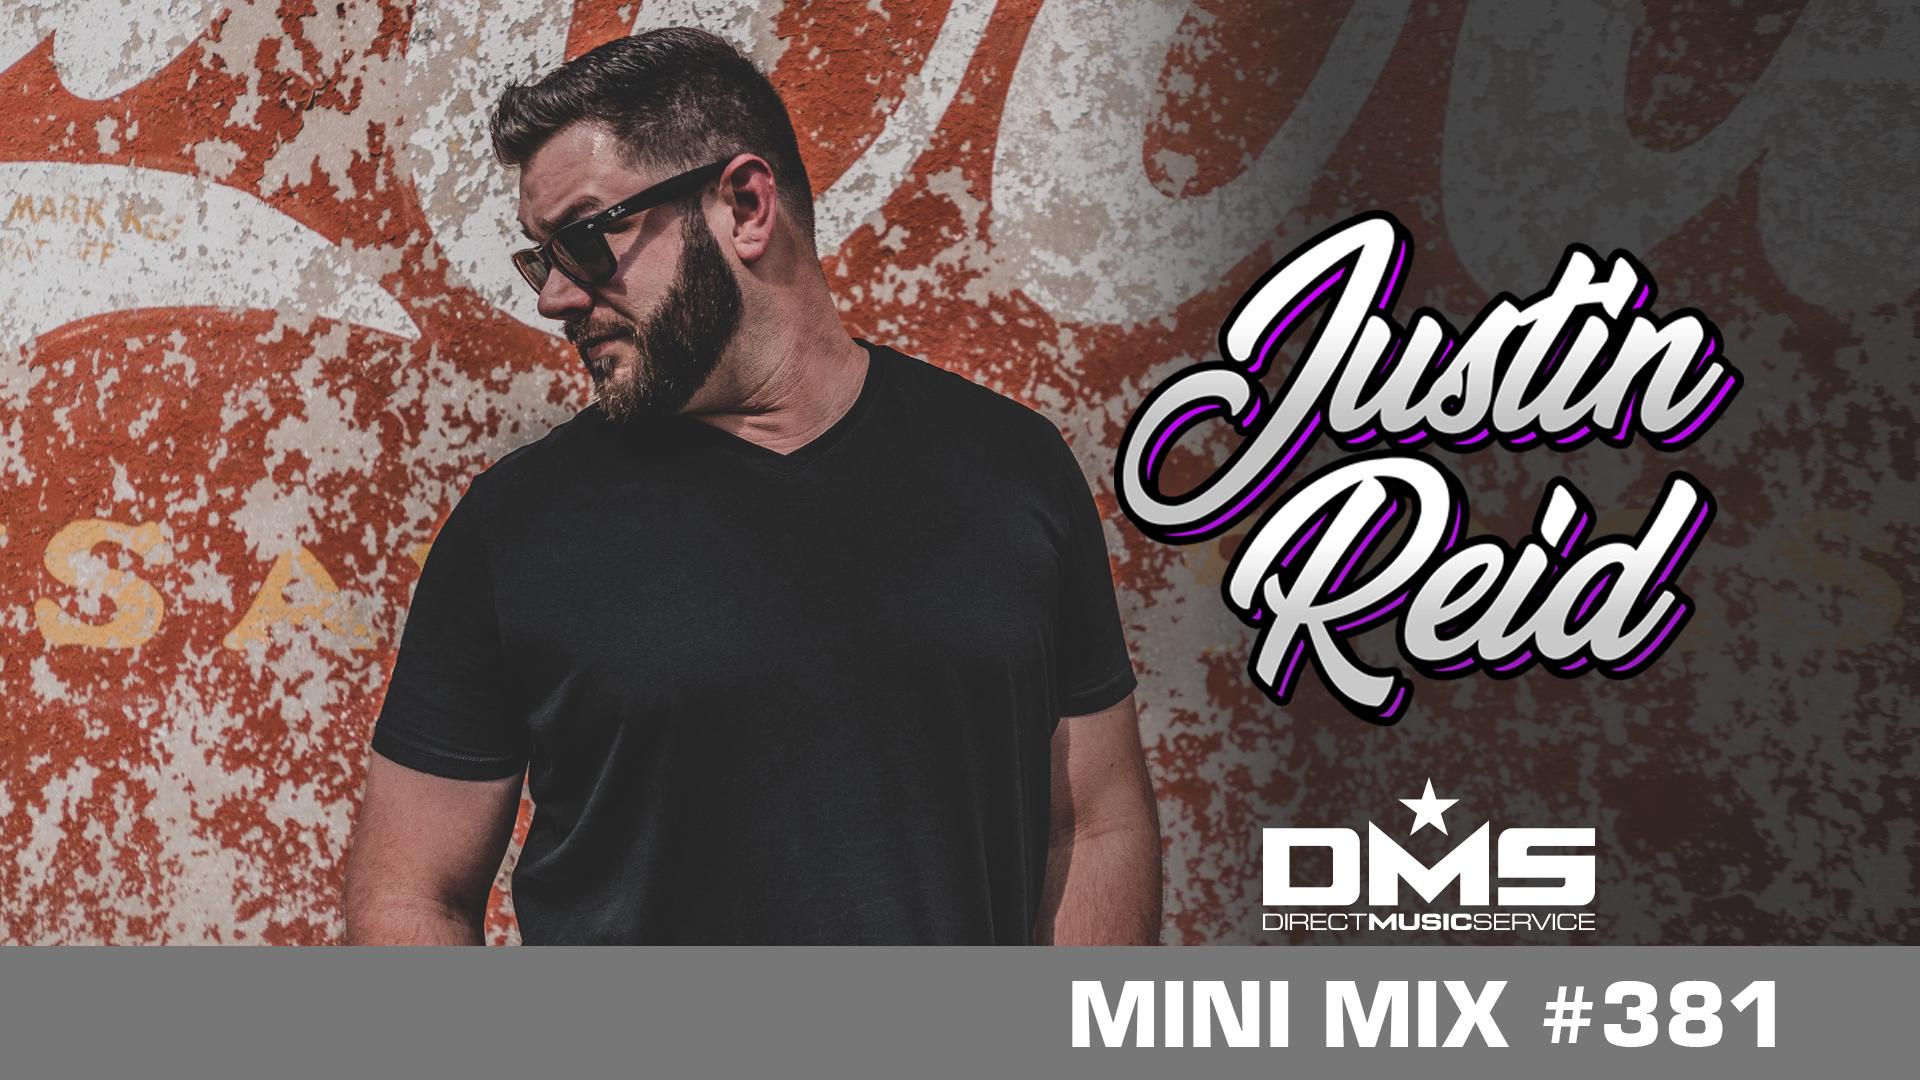 DMS MINI MIX WEEK #381 DJ JUSTIN REID Mixes – Direct Music Service